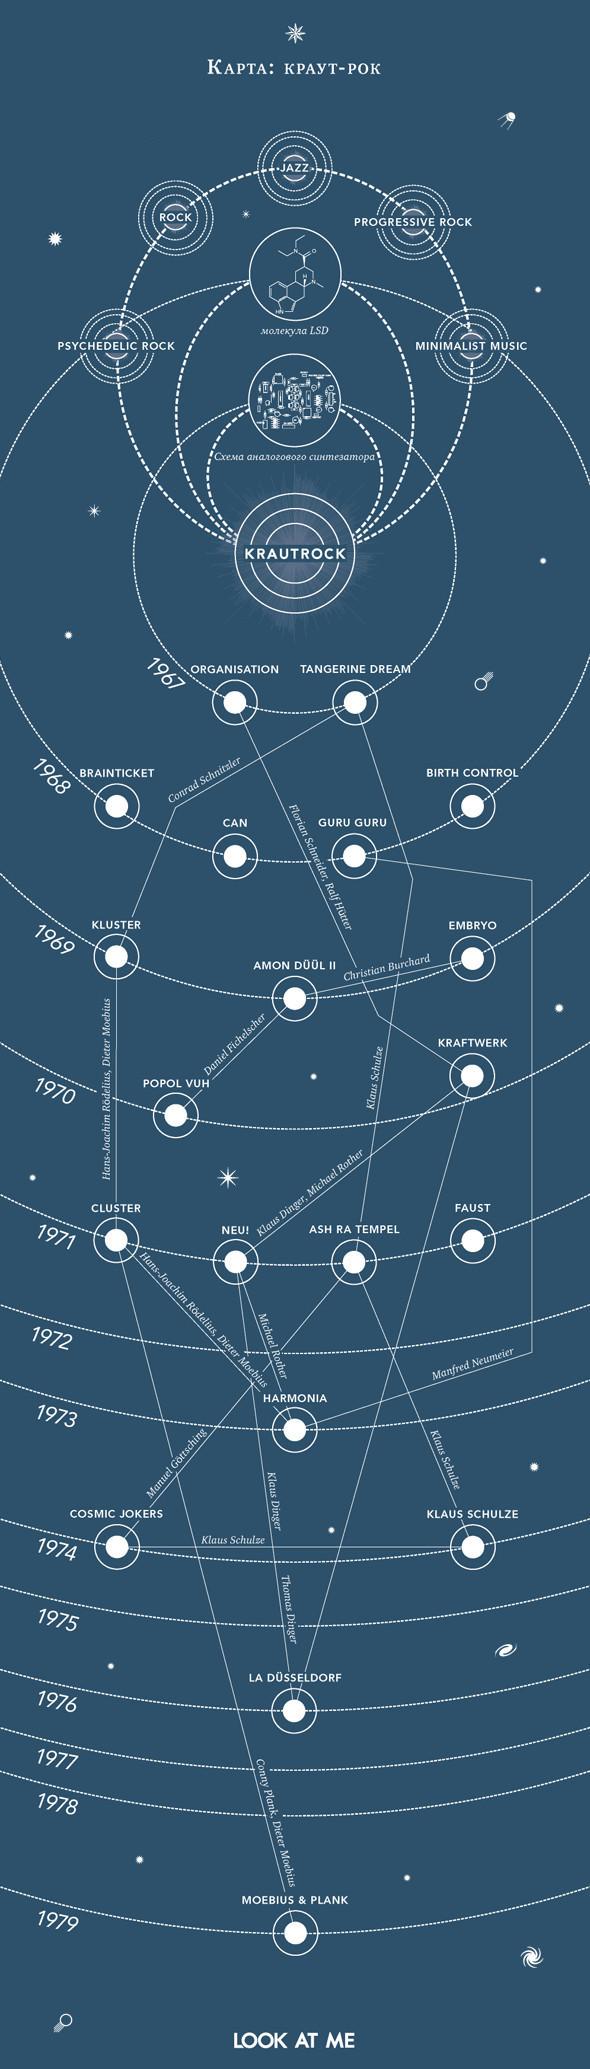 Карта краут-рока. Изображение № 1.